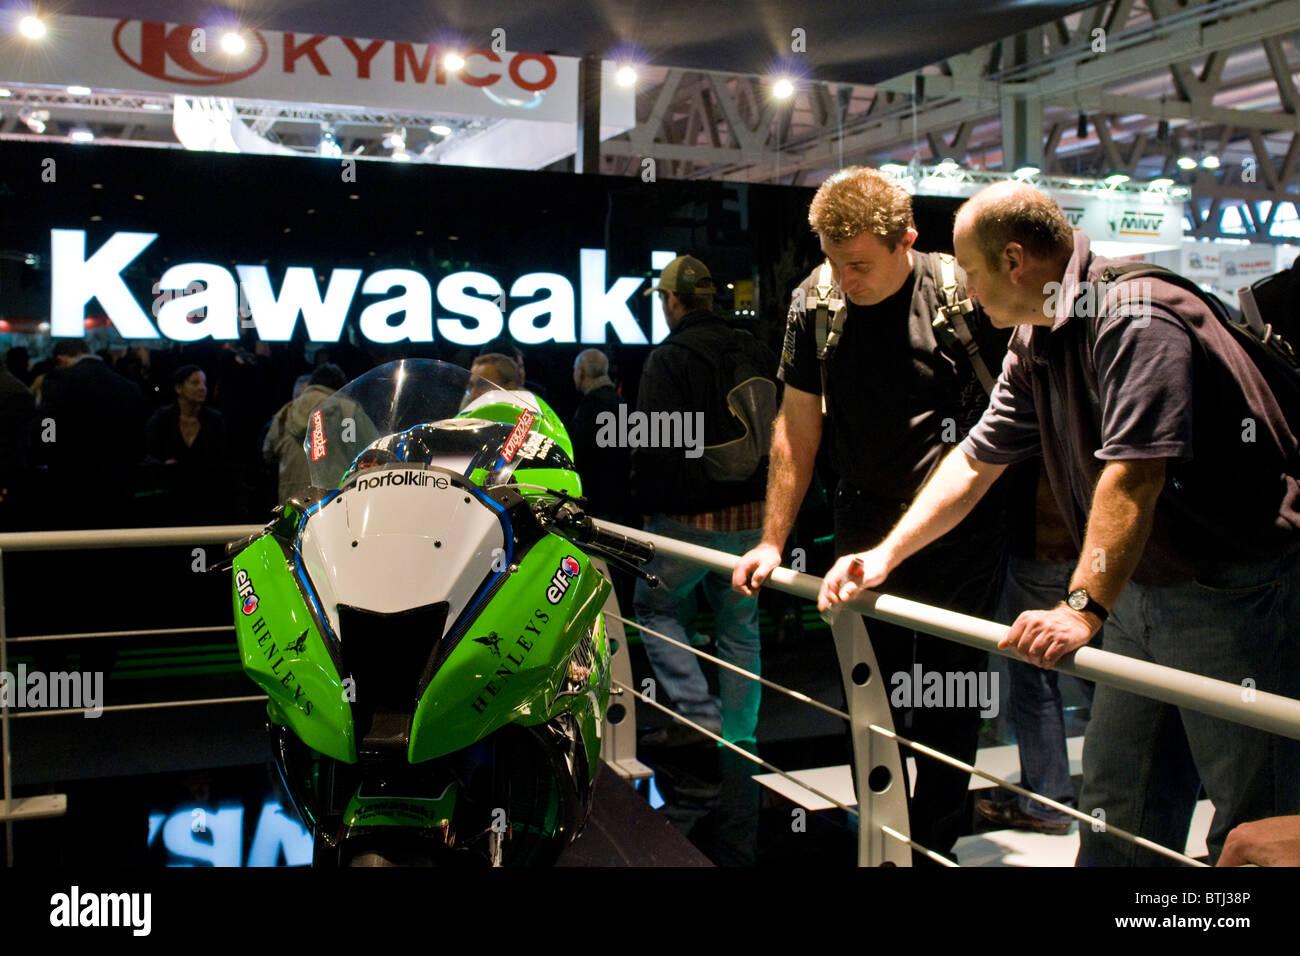 Kawasaki, Exibition bicycle and motorcycle, Milan 2010 - Stock Image